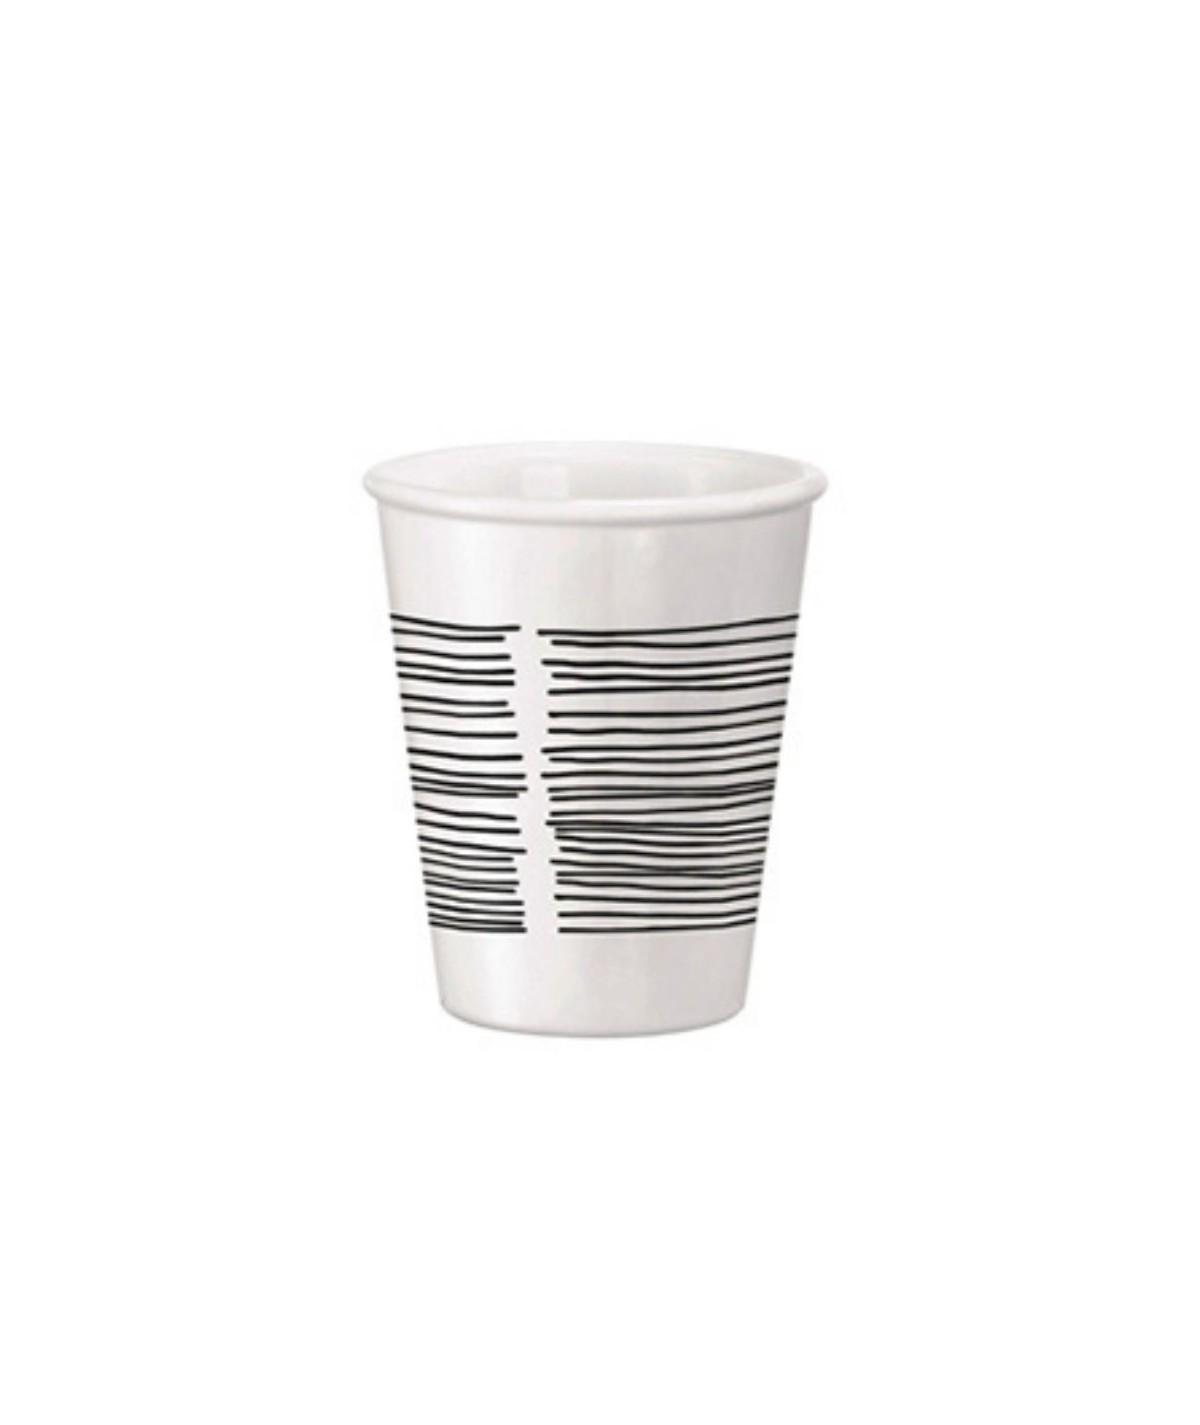 Bicchieri da thè bianchi in opalino Aromateca - Bormioli